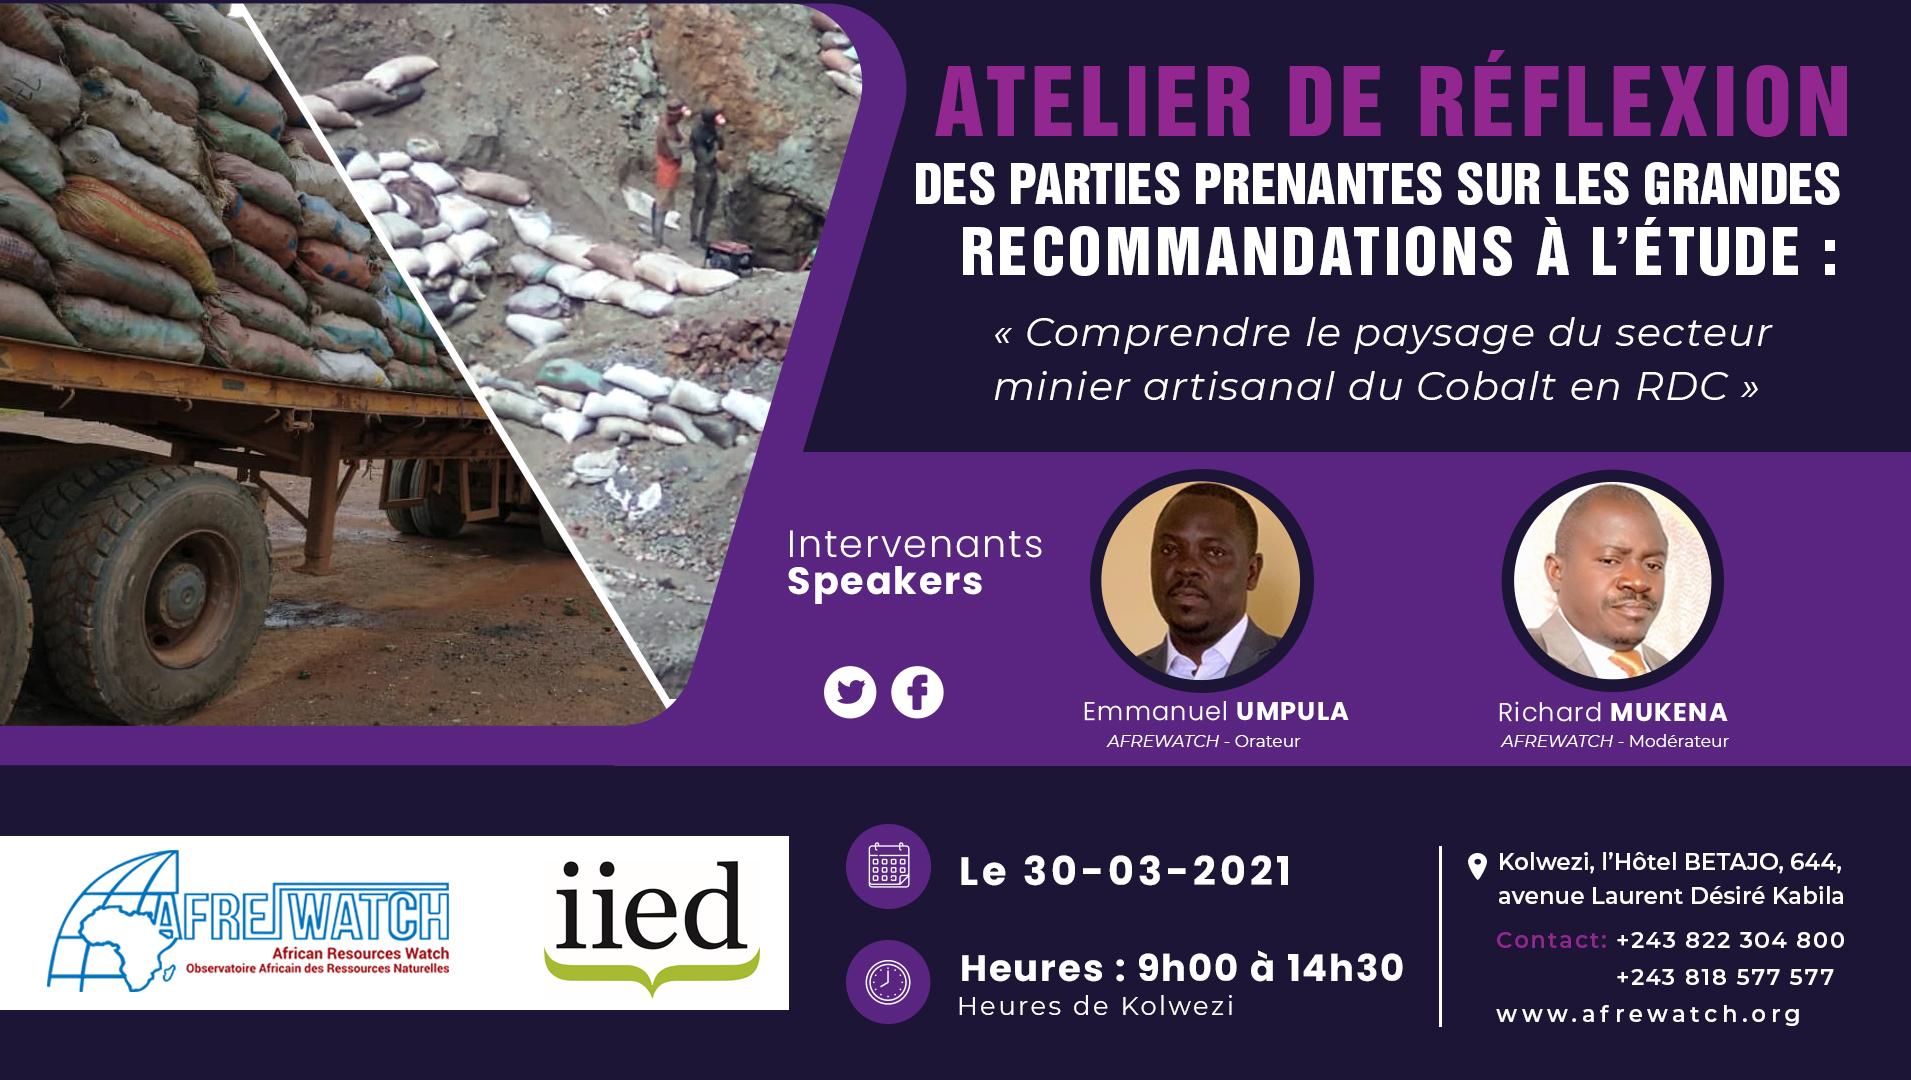 Comprendre le paysage du secteur minier artisanal du Cobalt en RDC